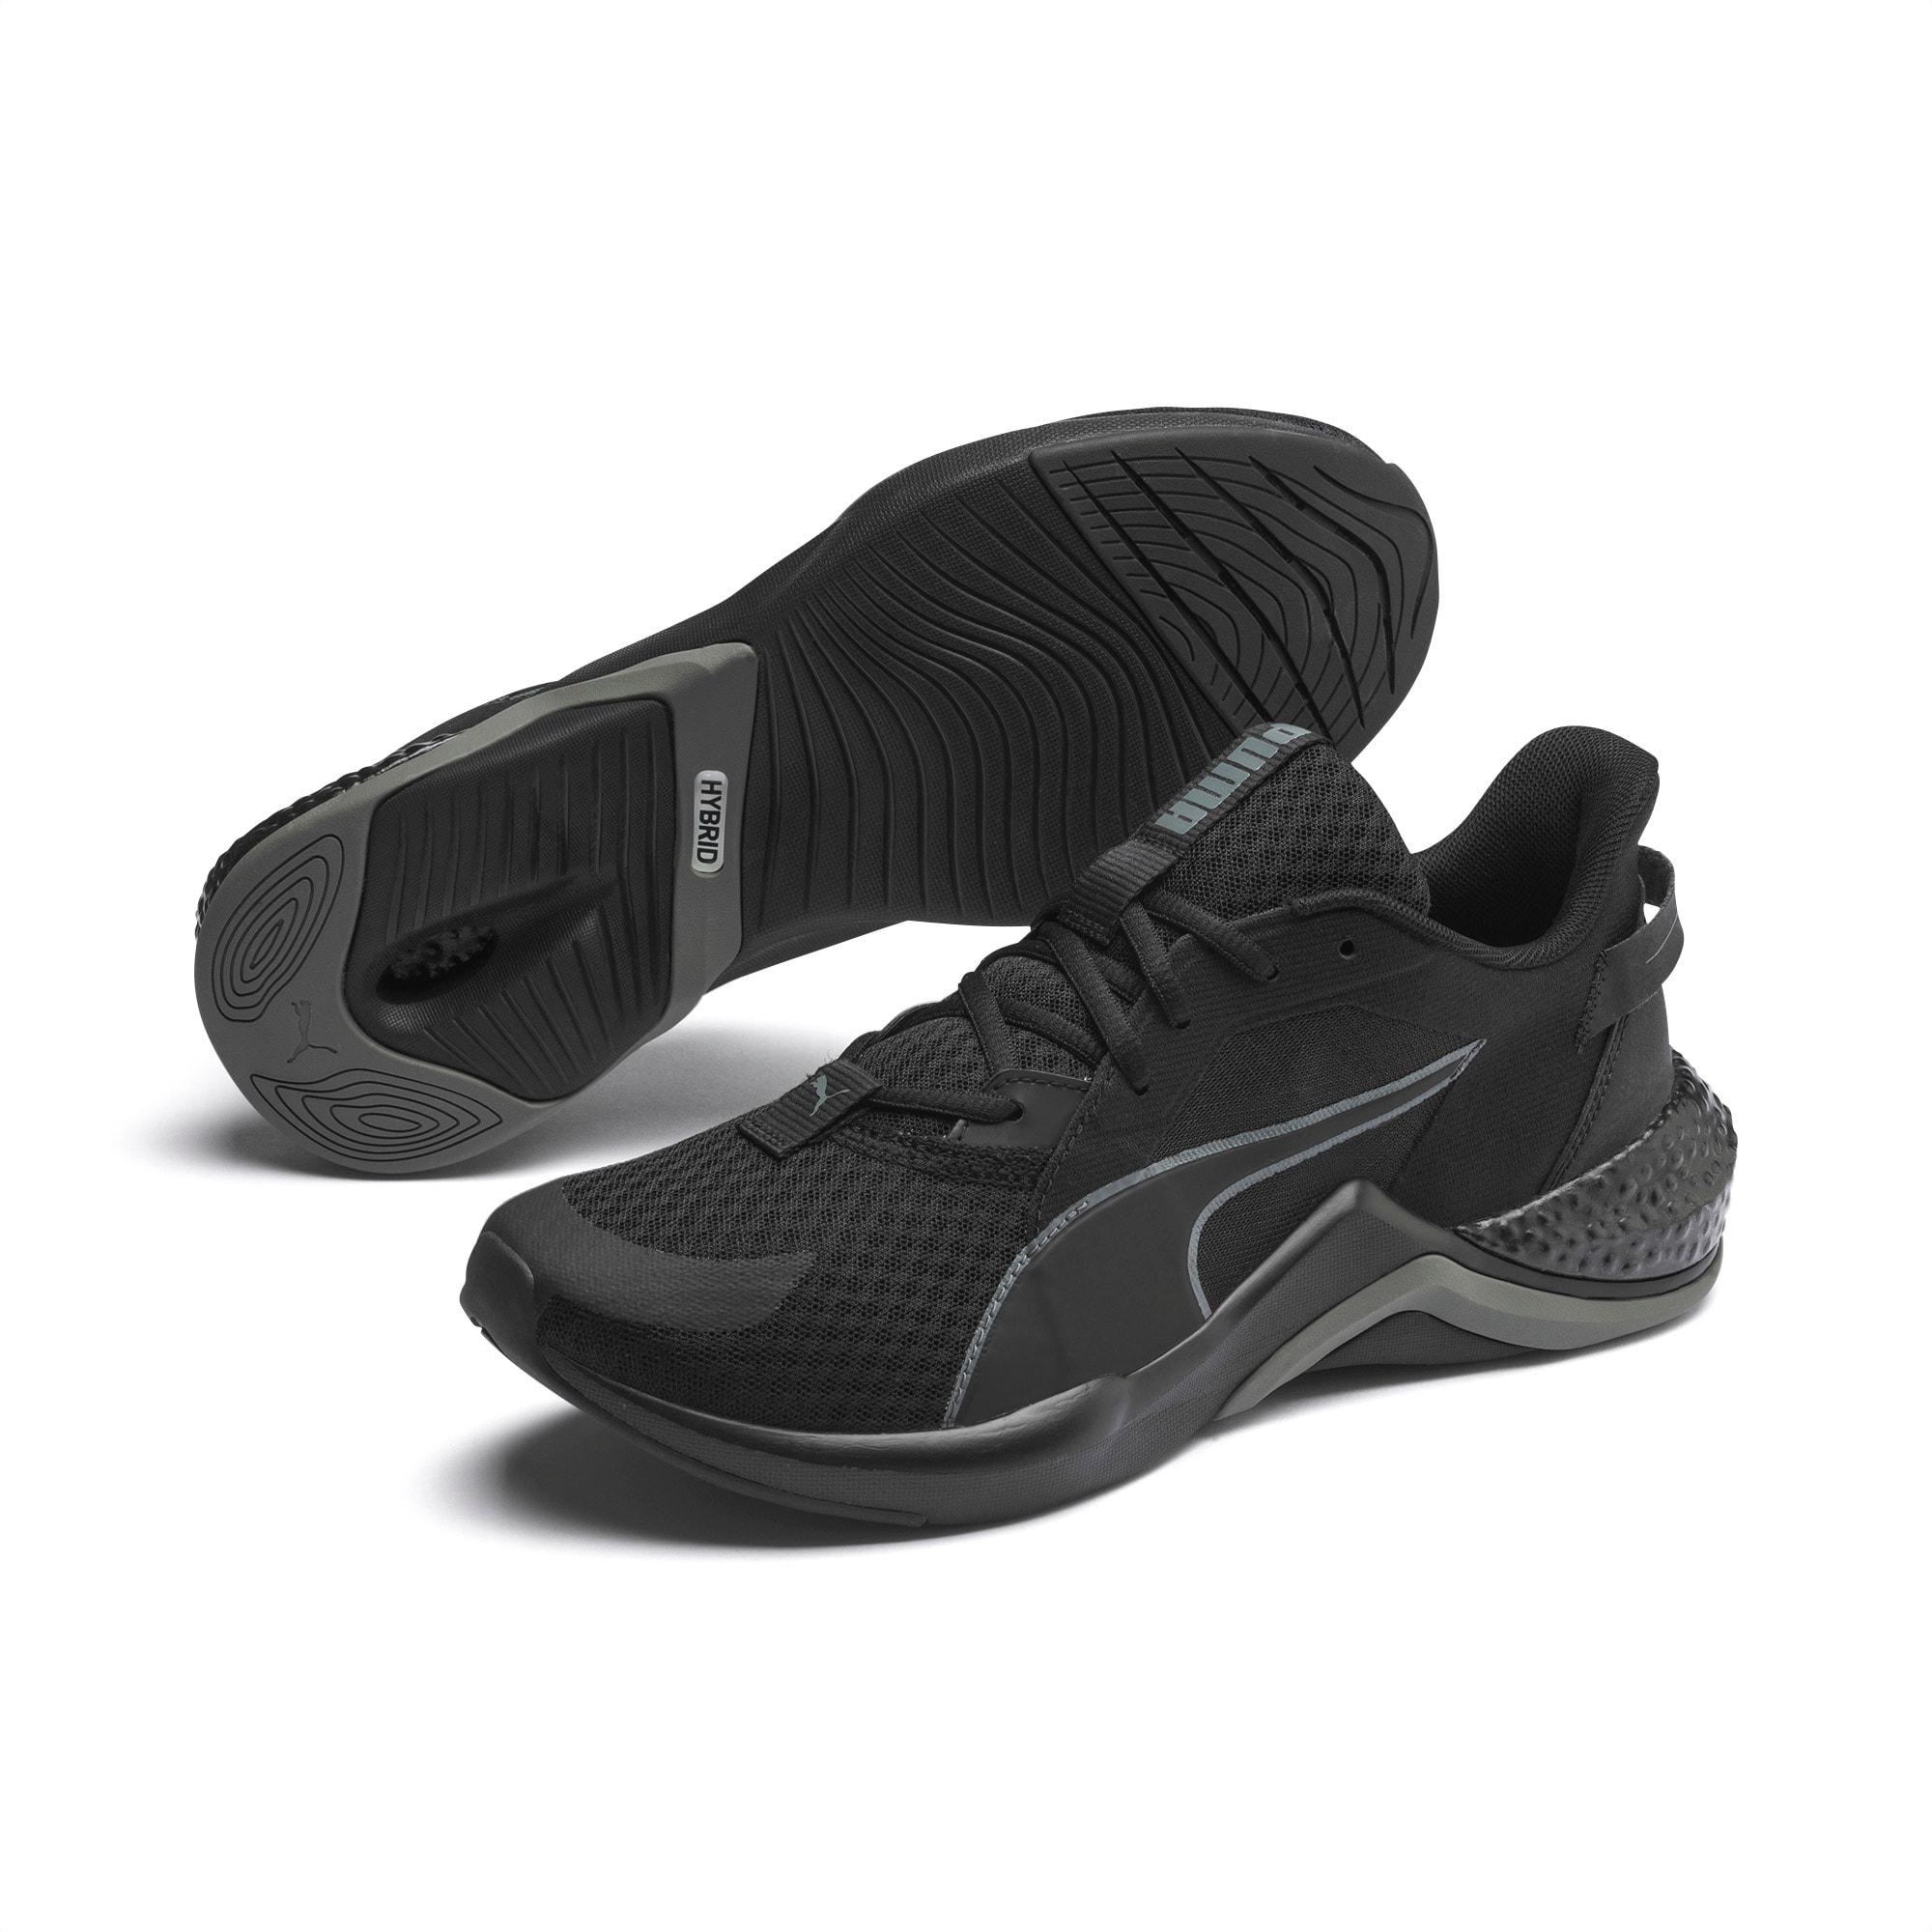 HYBRID NX Ozone Men's Running Shoes